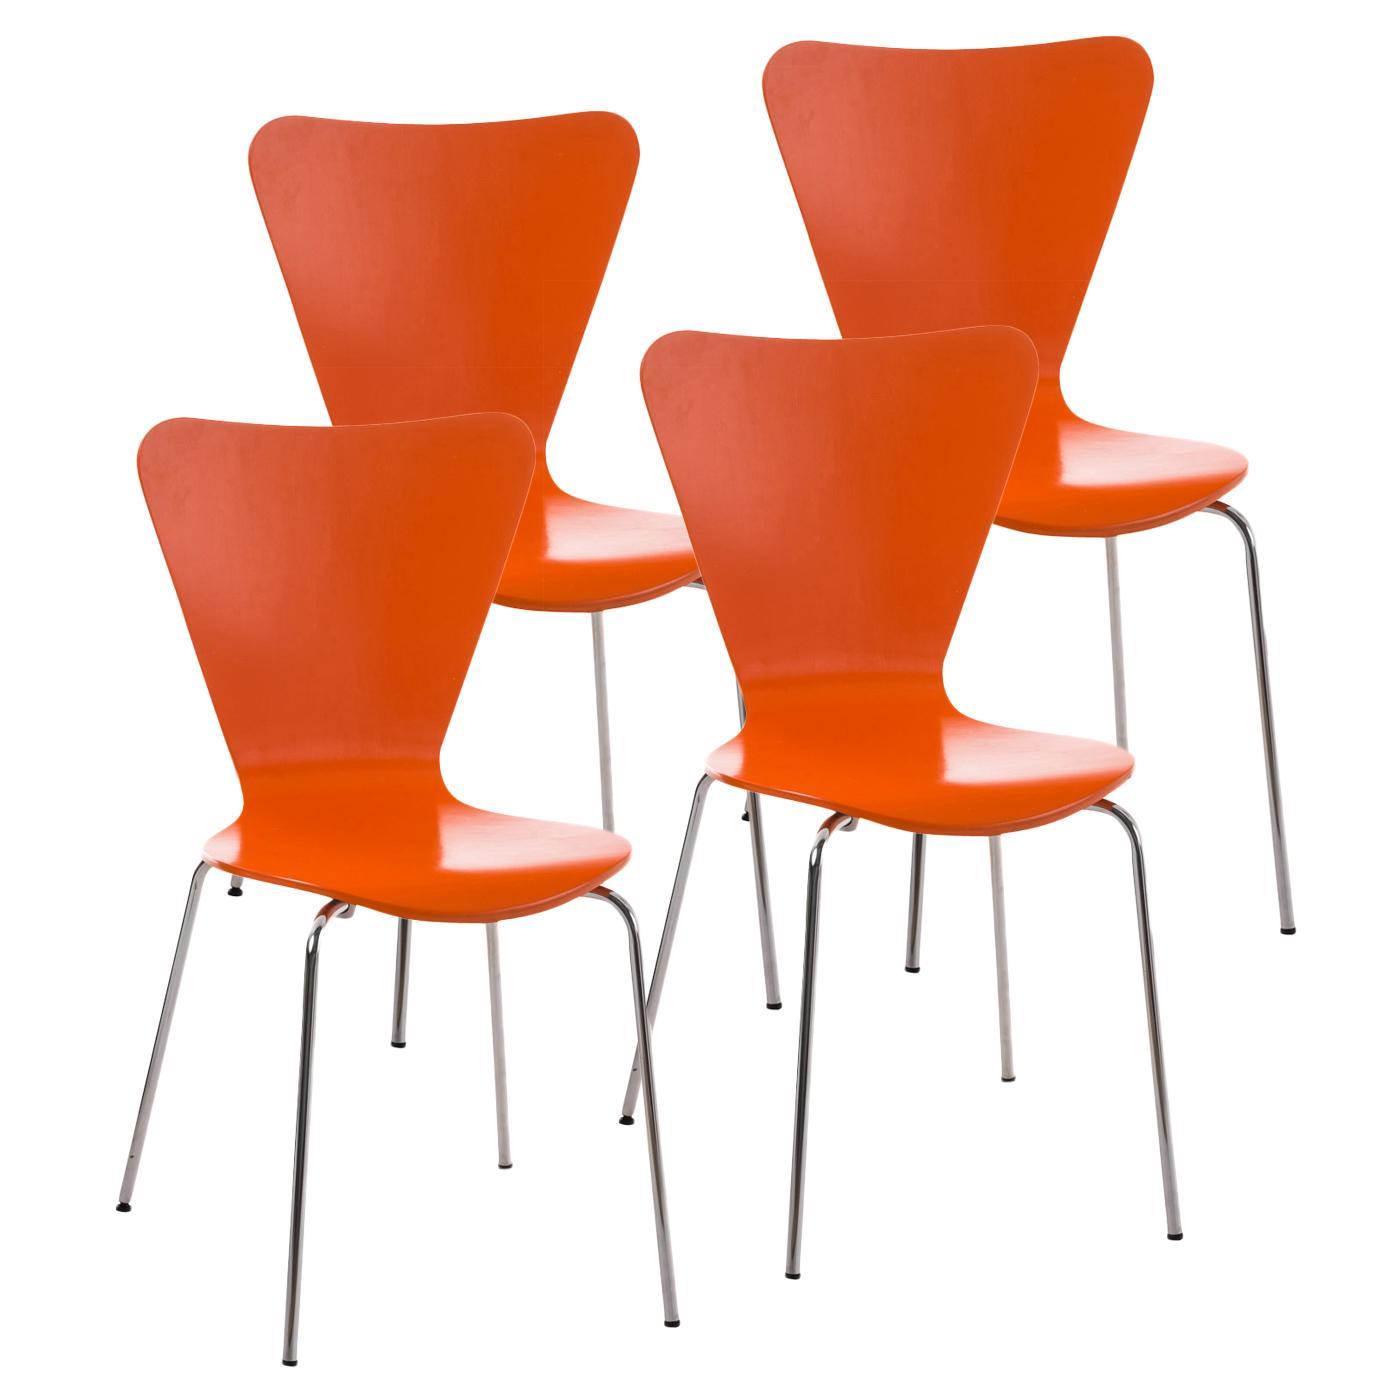 Lote 4 sillas de cocina o comedor lerma en naranja lote for Sillas de comedor apilables